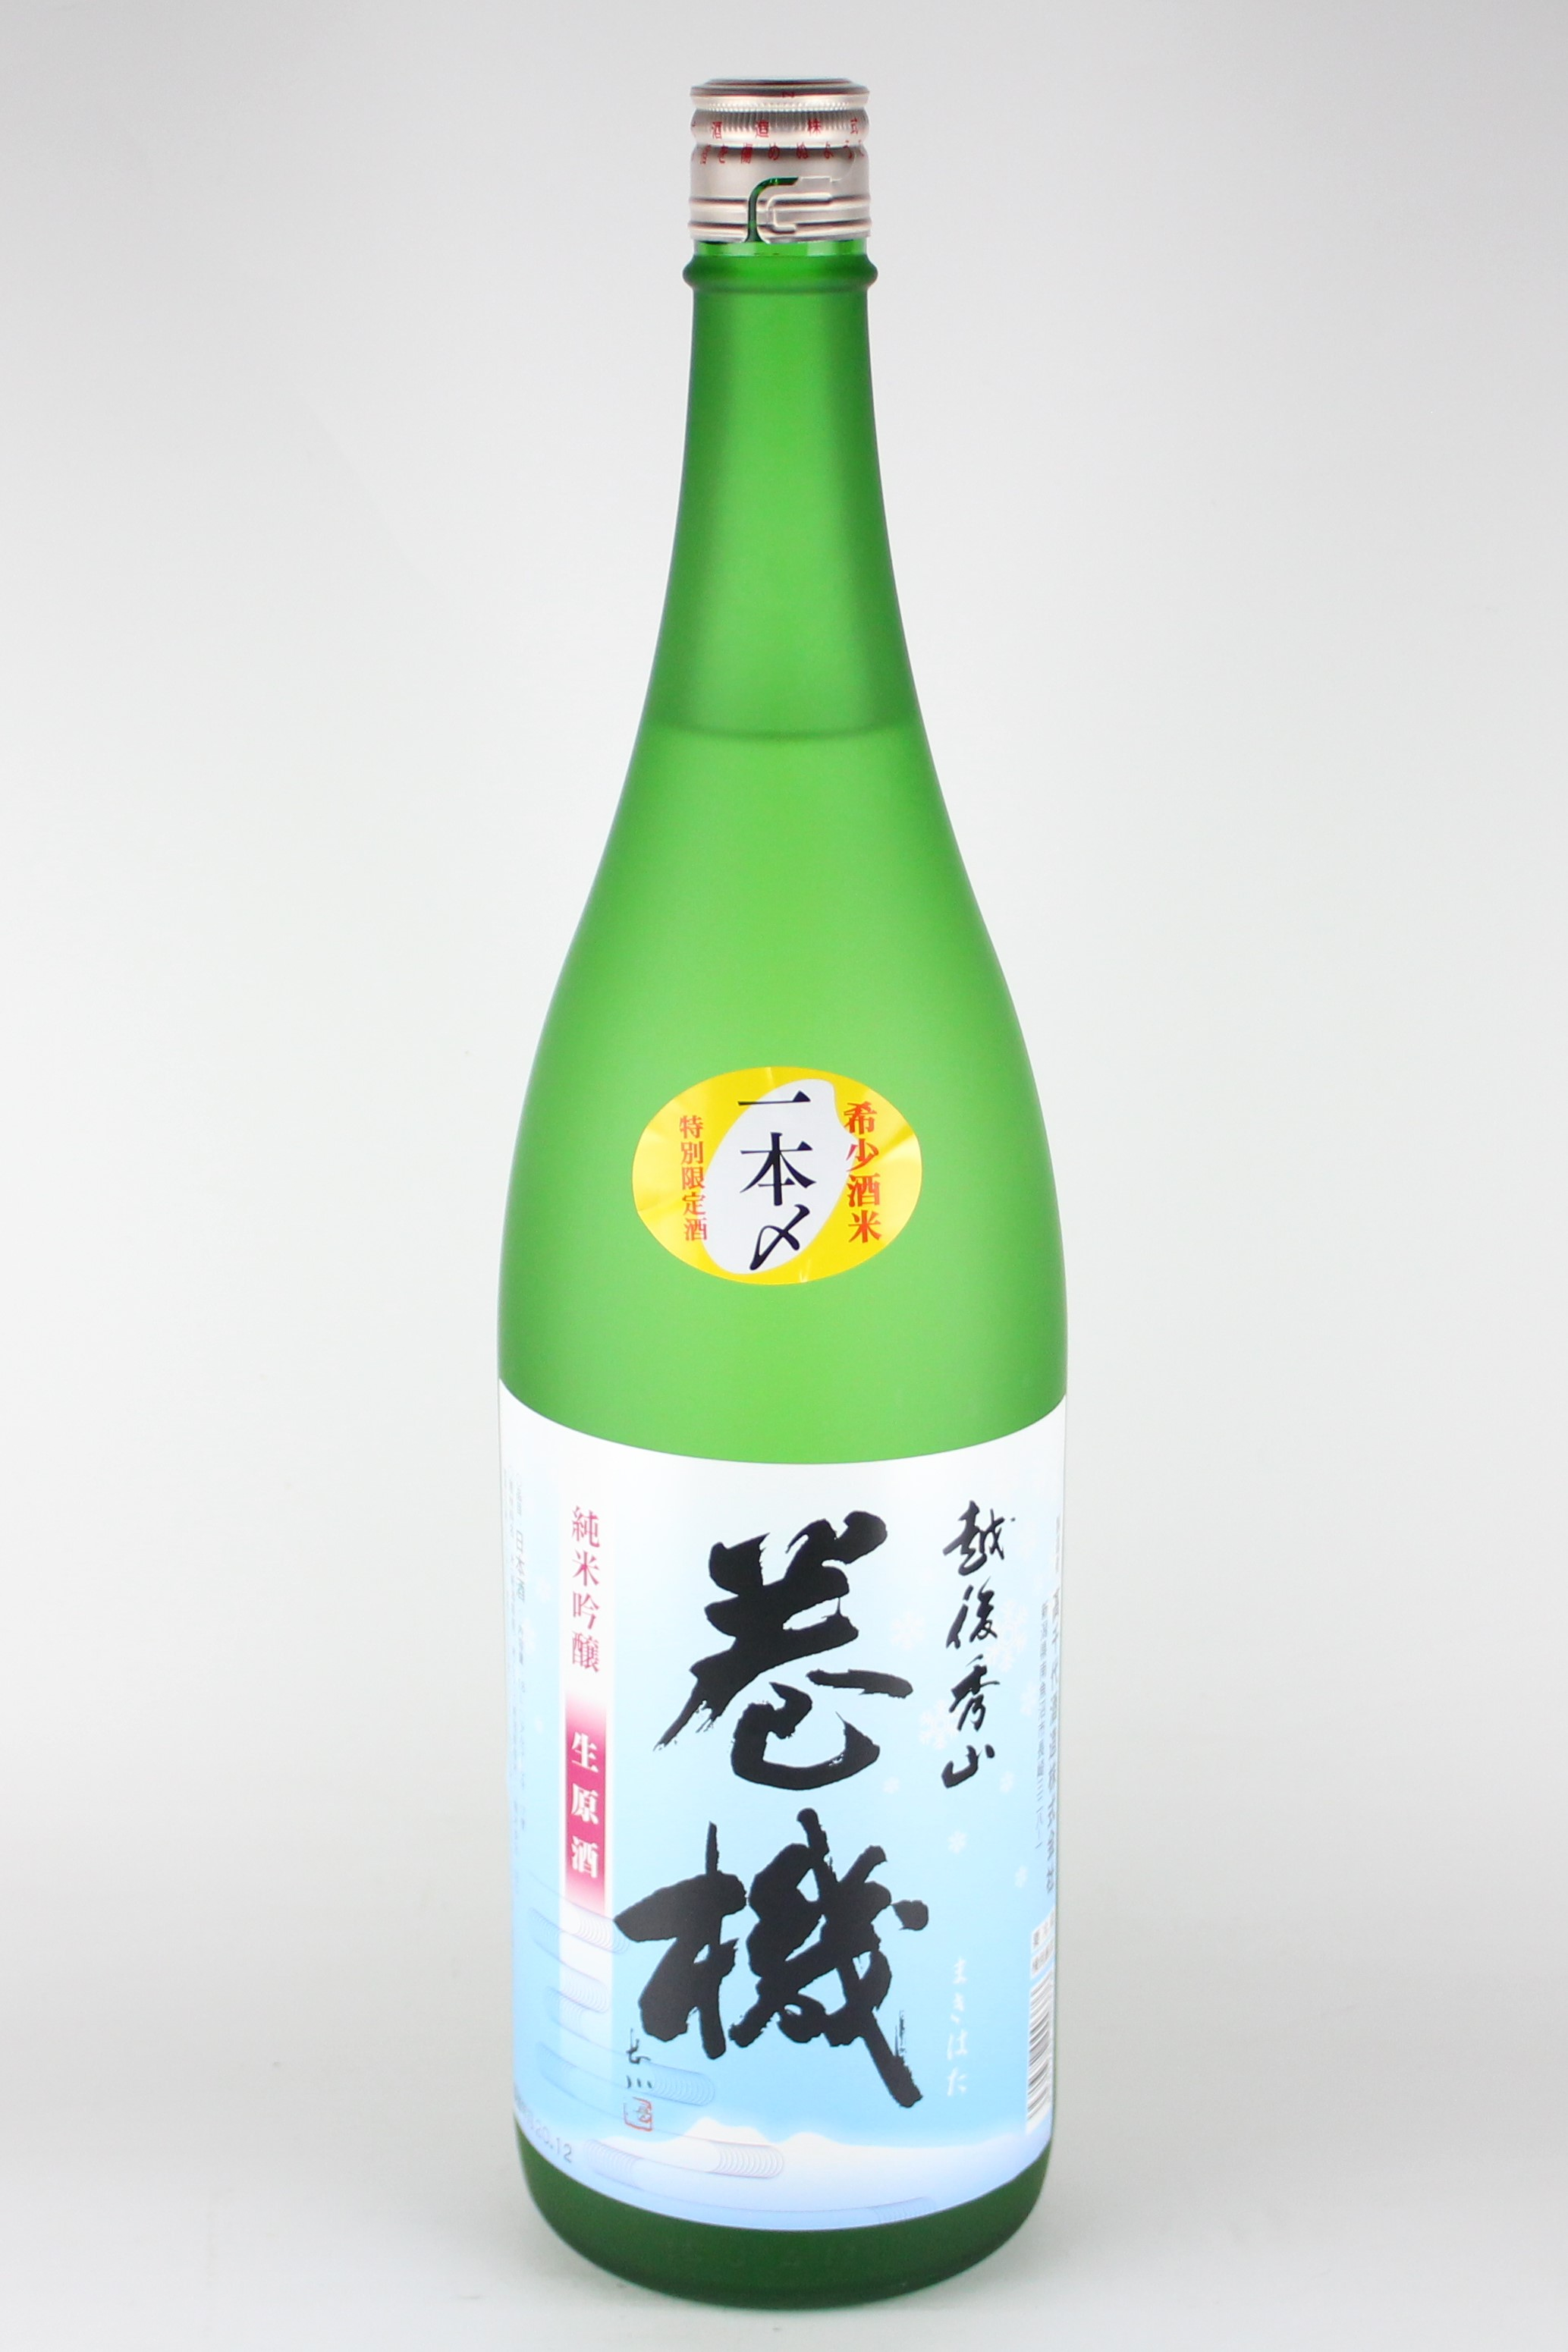 巻機 純米吟醸無濾過生原酒 一本〆 1800ml 【新潟/高千代酒造】